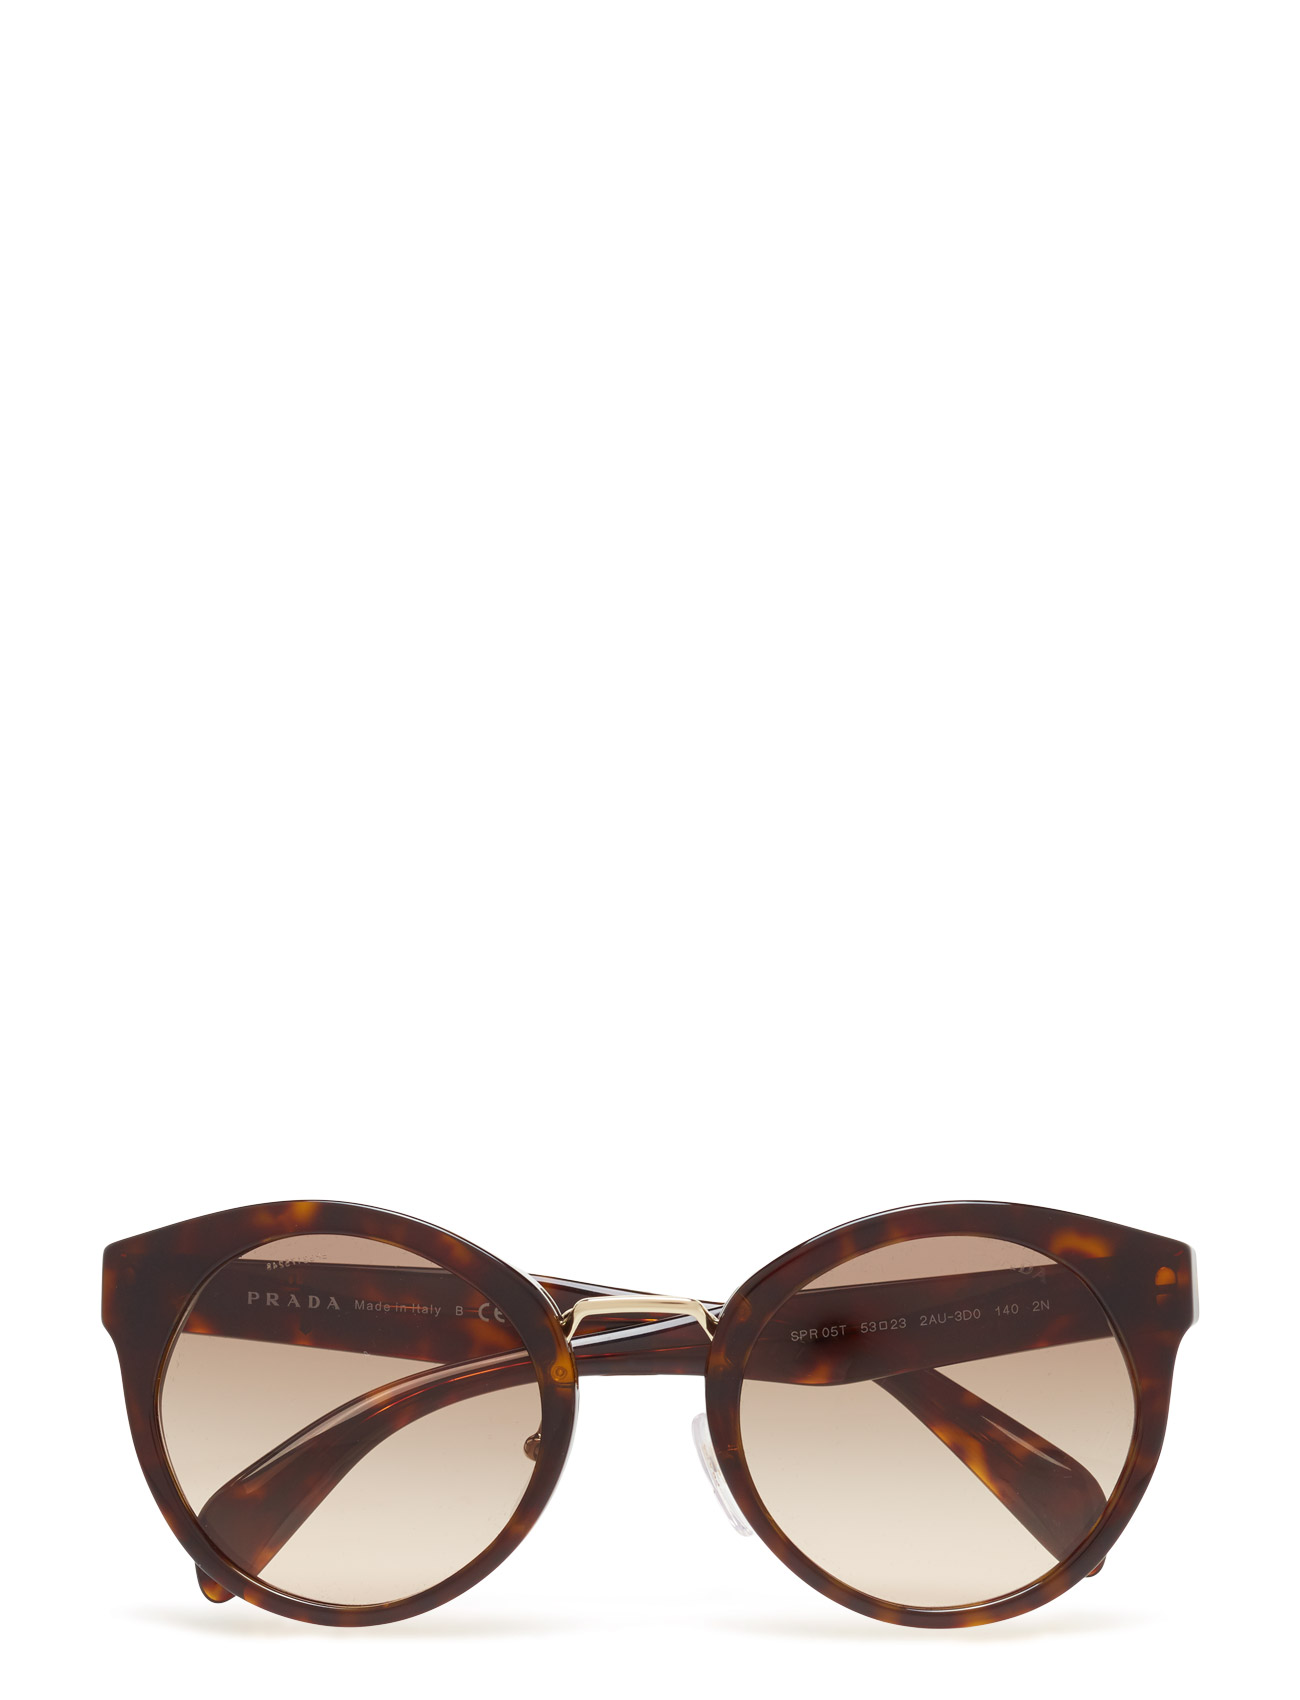 Heritage / Handbag Logo Prada Sunglasses Solbriller til Kvinder i